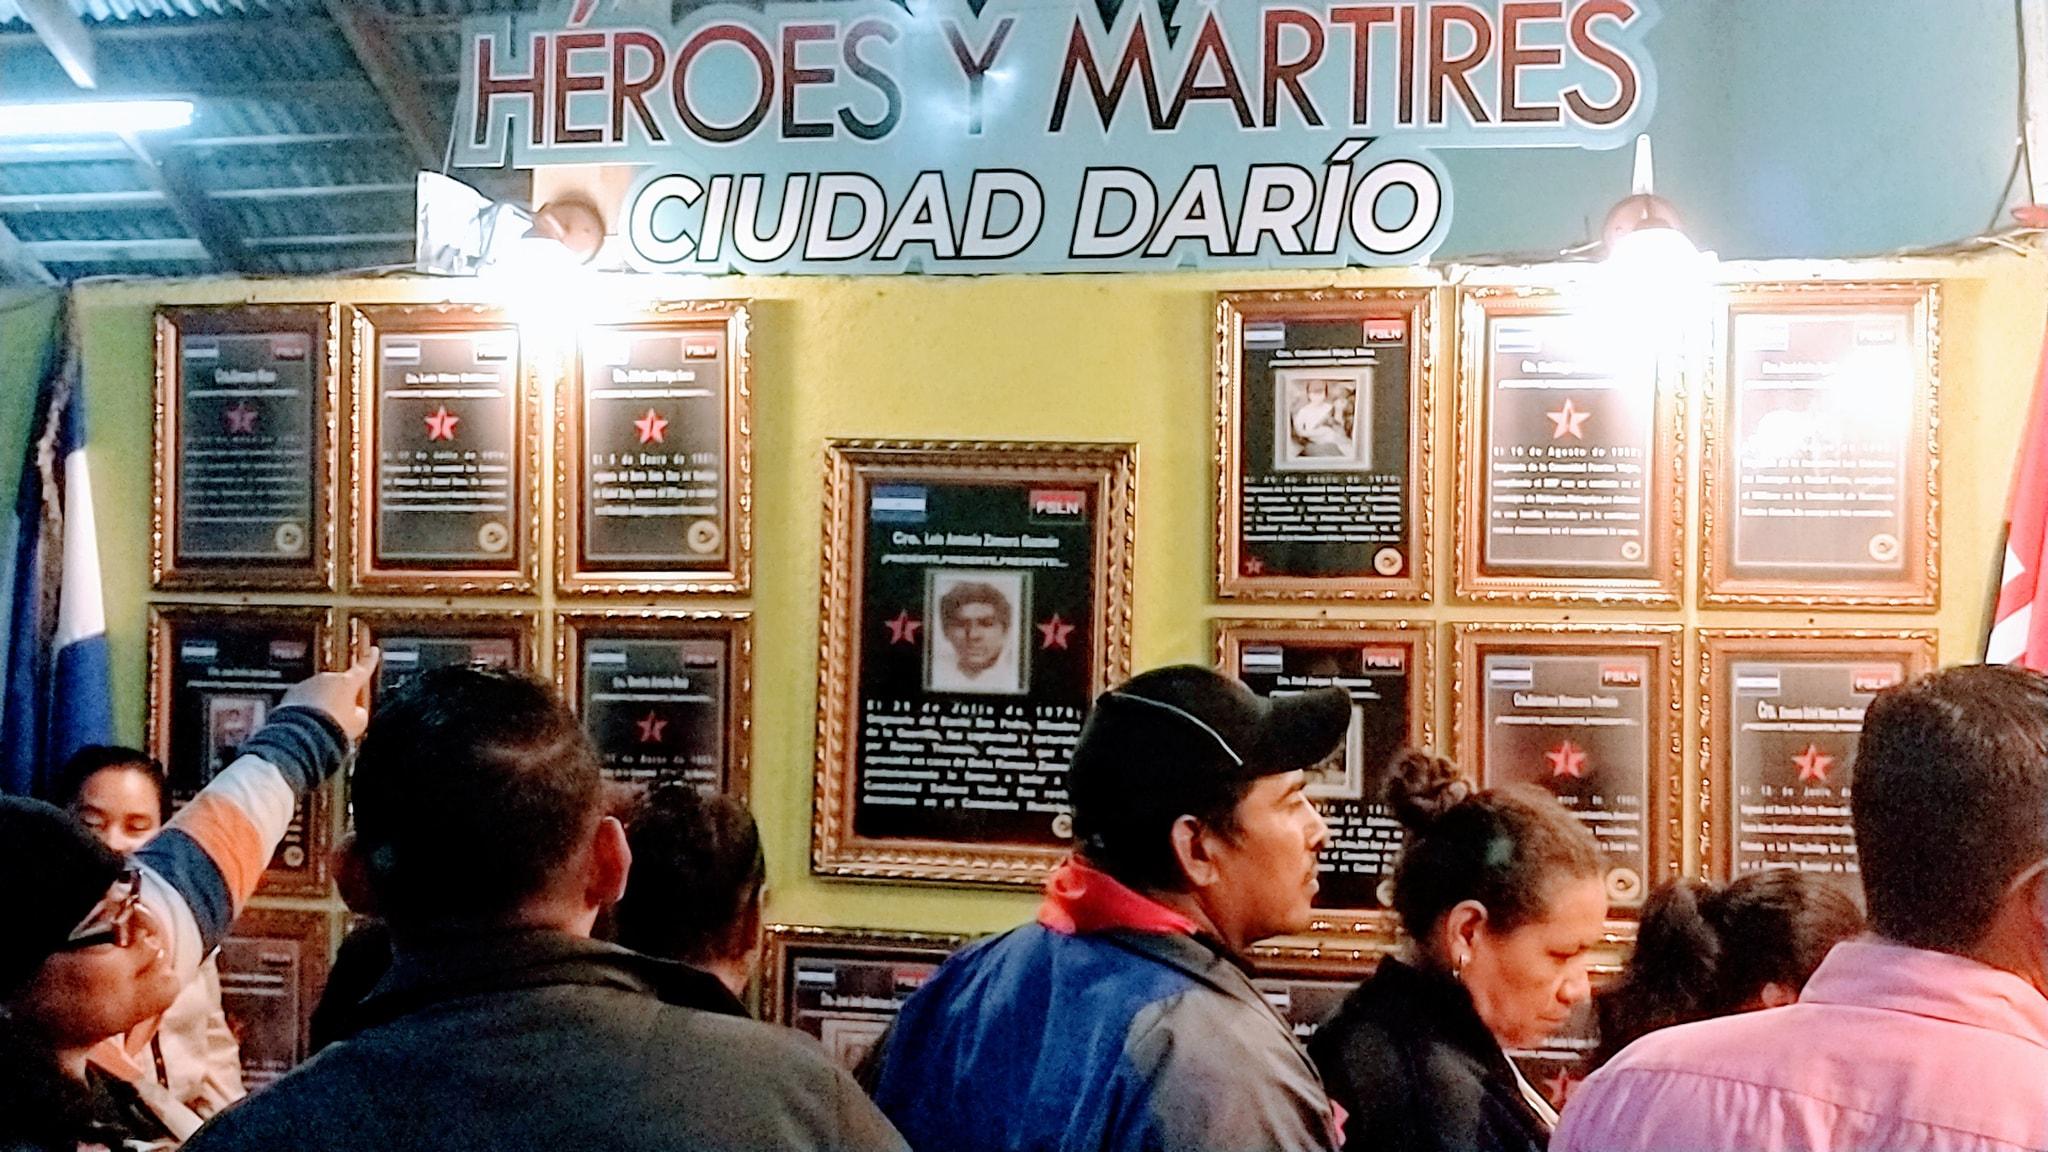 Inauguran galería en honor a los héroes y mártires de Ciudad Darío Managua. Radio La Primerísima.